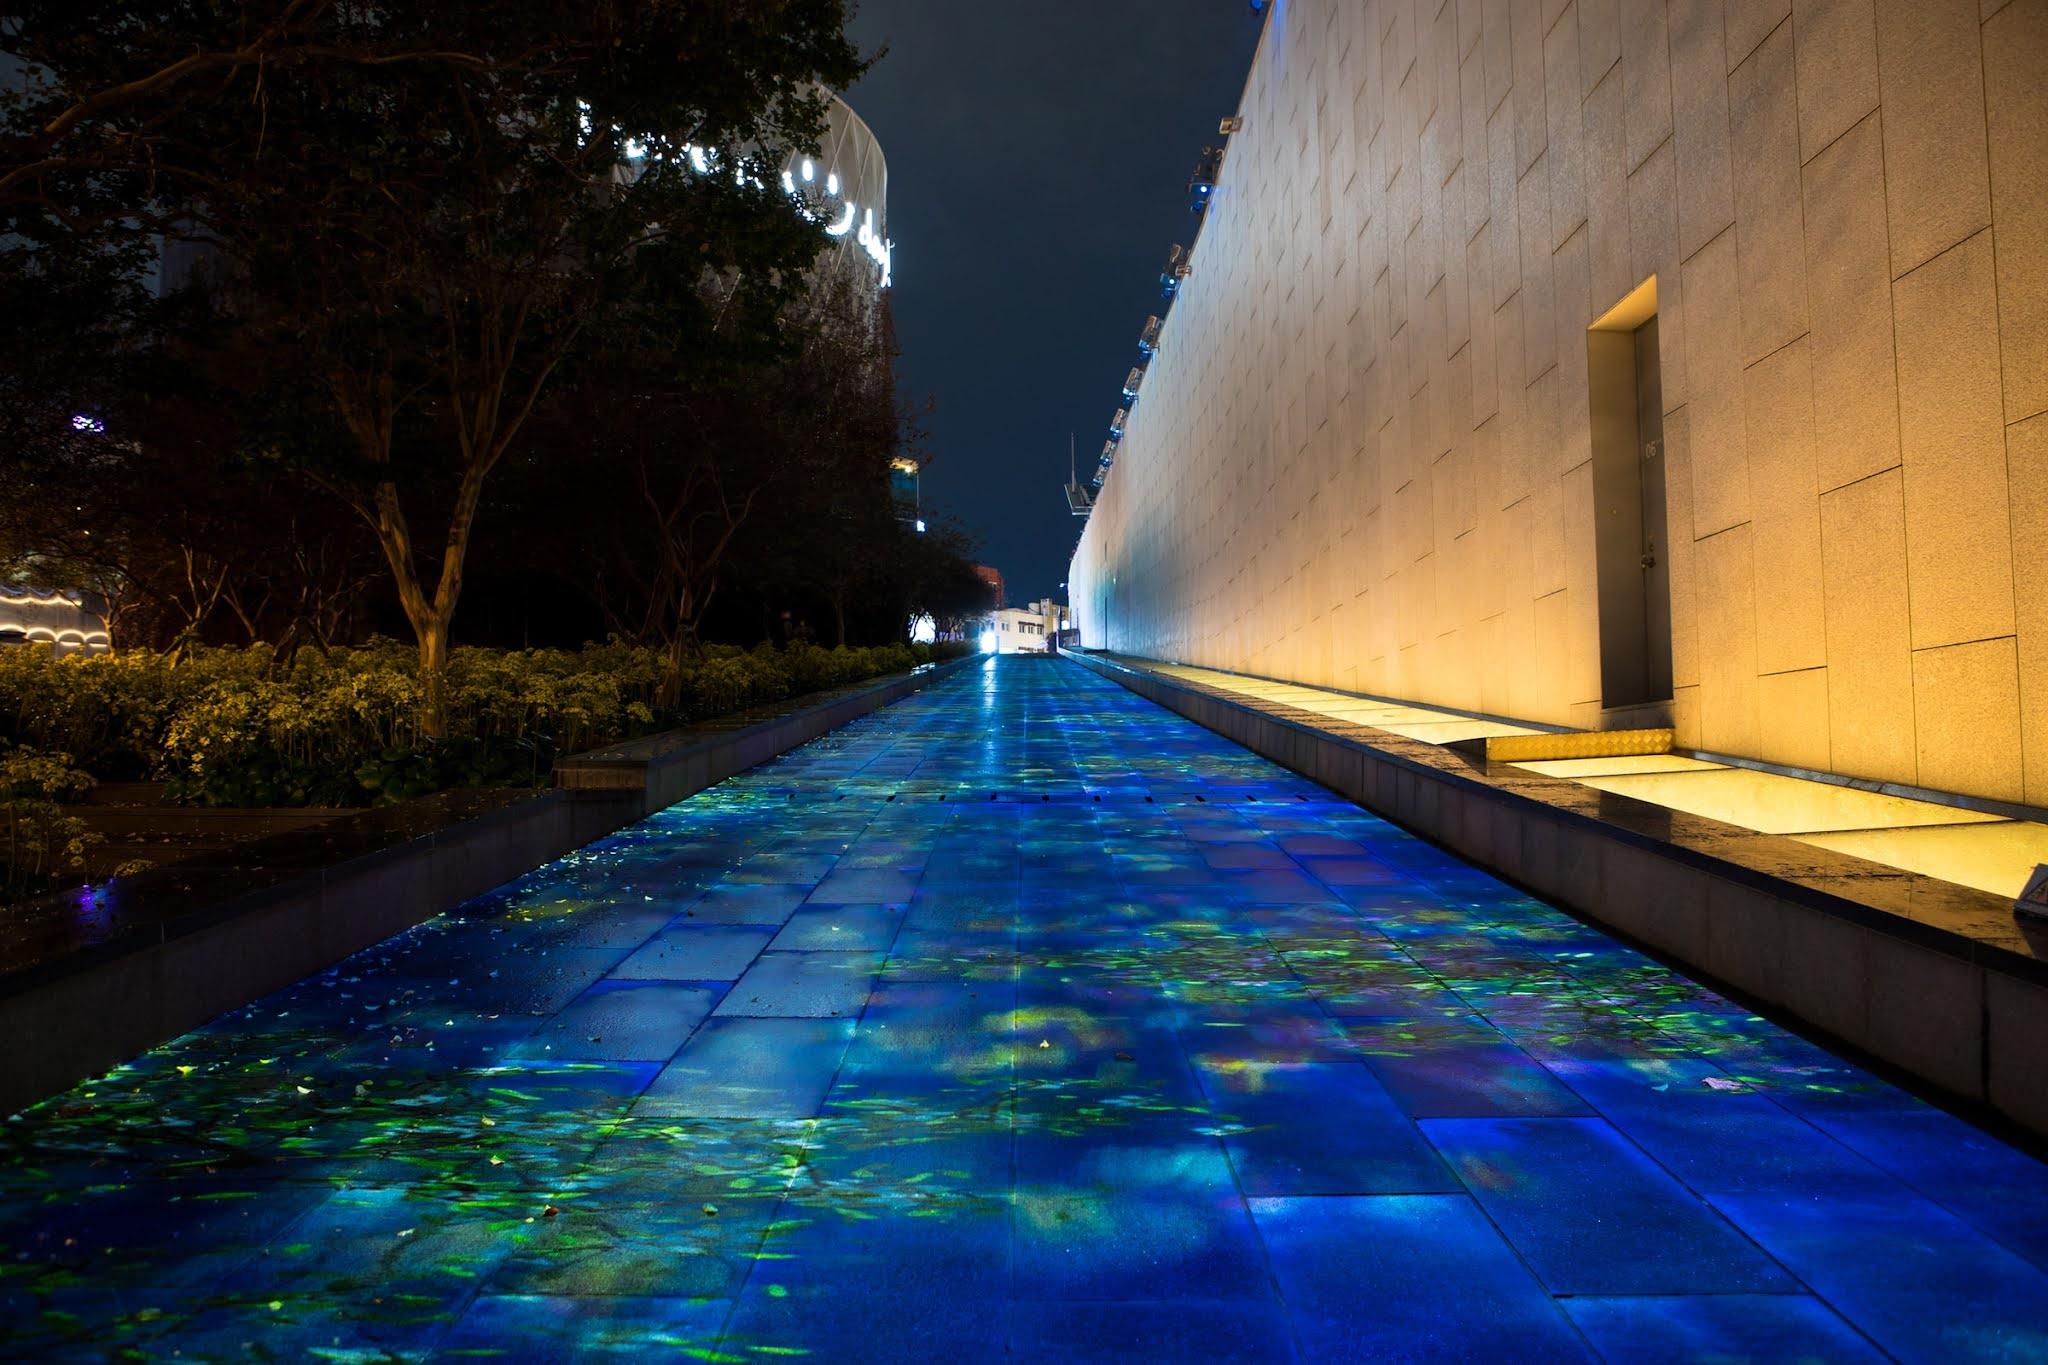 إكسبو دبي Expo Dubai يسهم في تعزيز الوعي الجماهيري وإيجاد حلول لأهم التحديات الراهنة